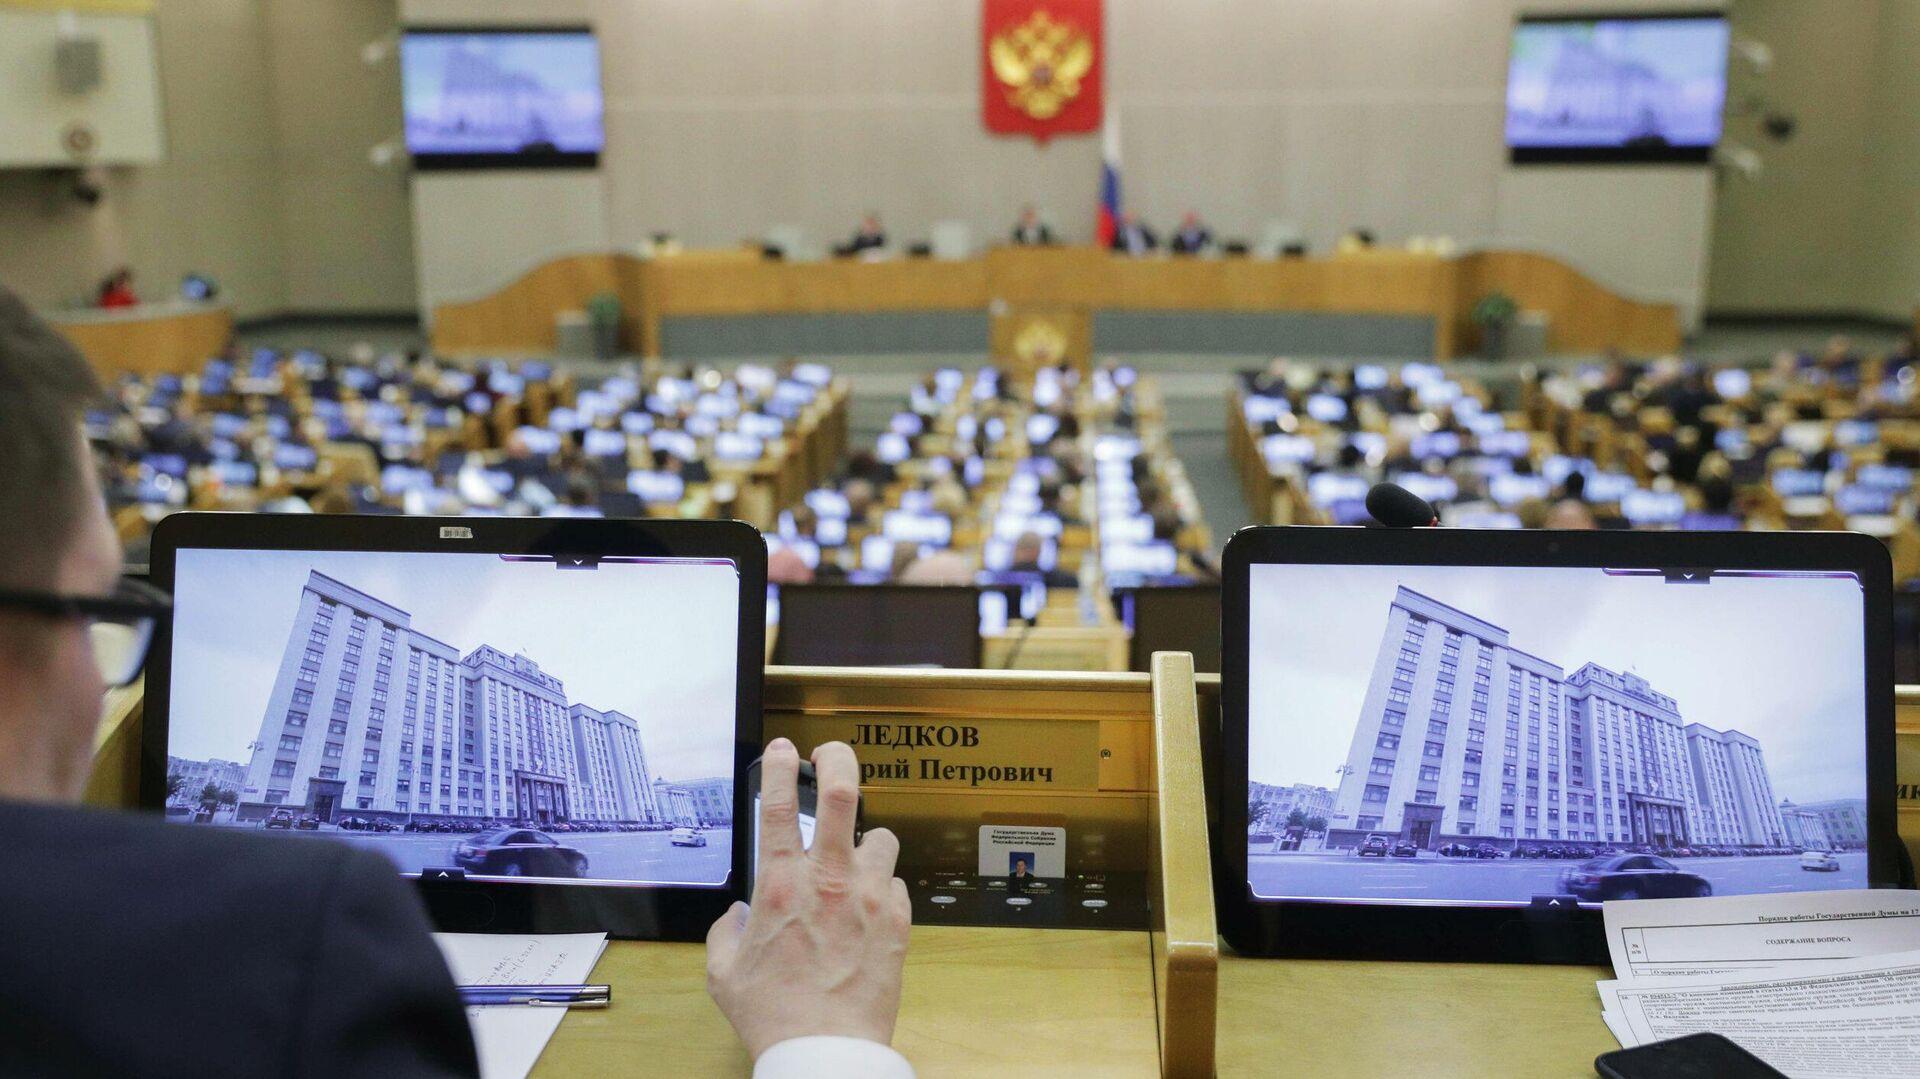 Заседание Госдумы РФ - РИА Новости, 1920, 22.01.2021